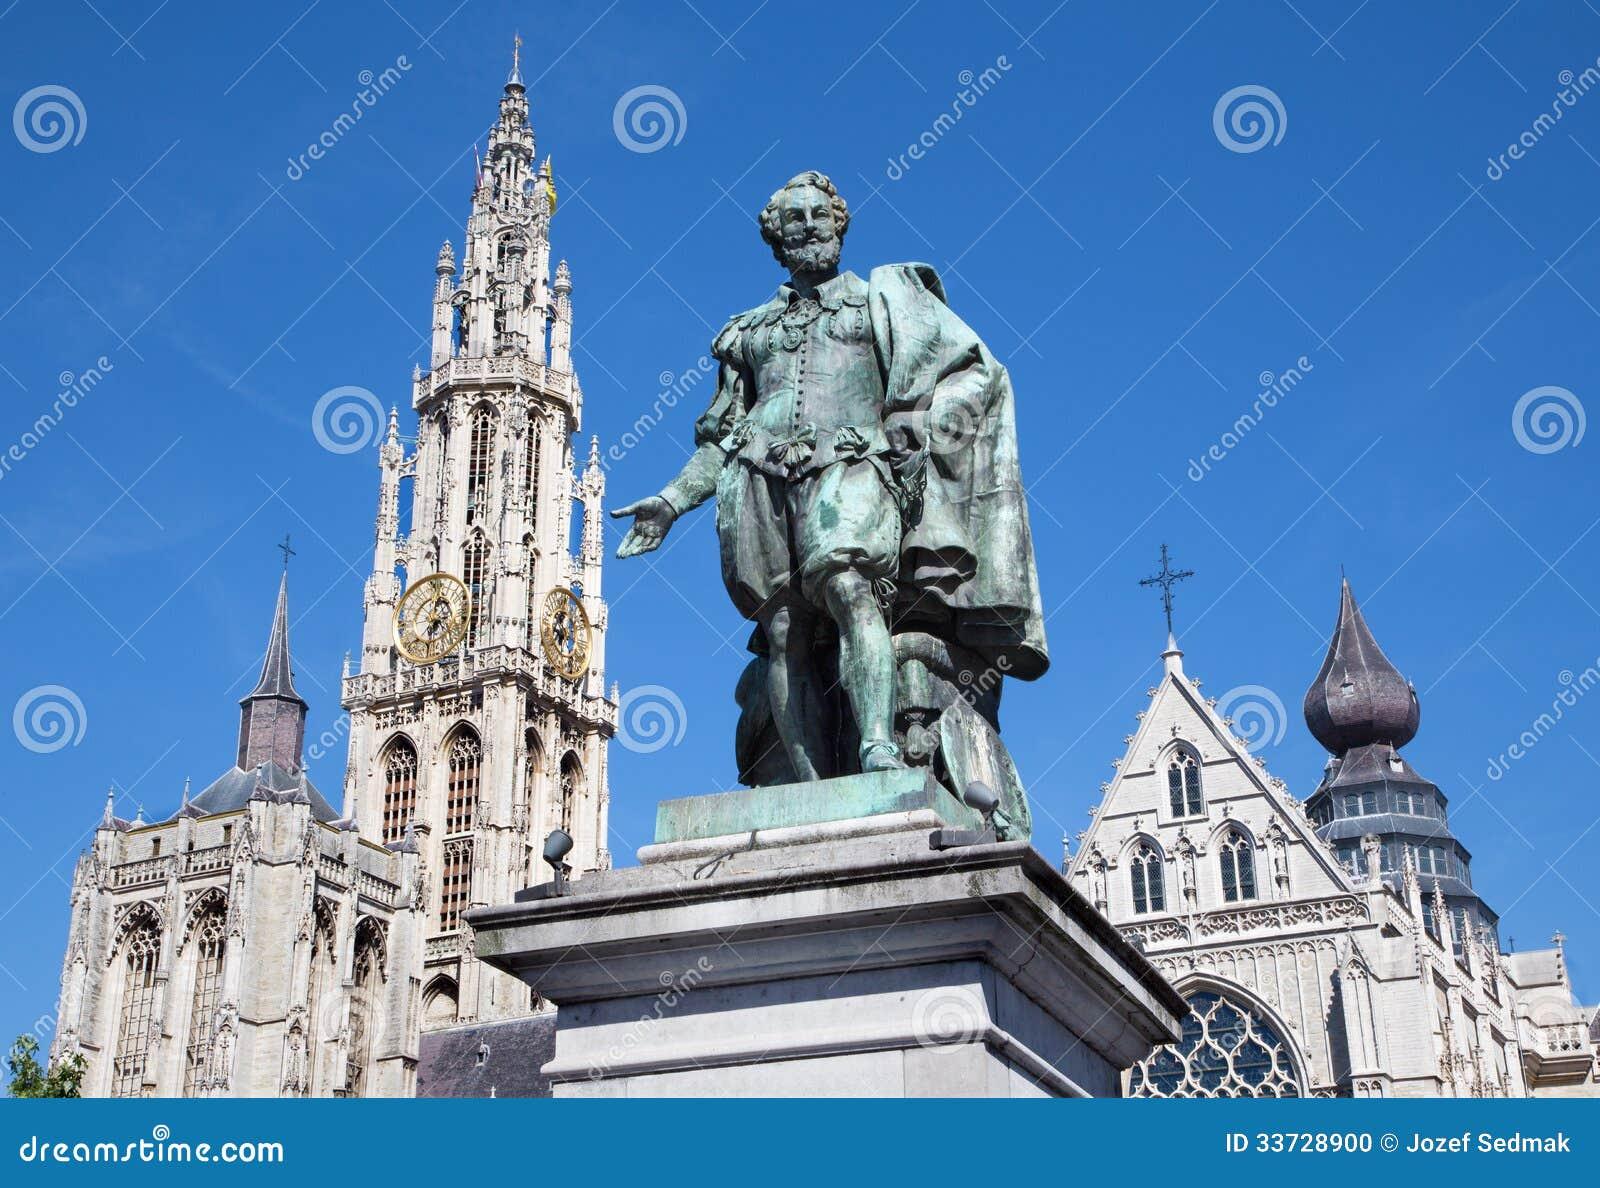 Антверпен - статуя колеривщика P.P. Rubens и башни собора